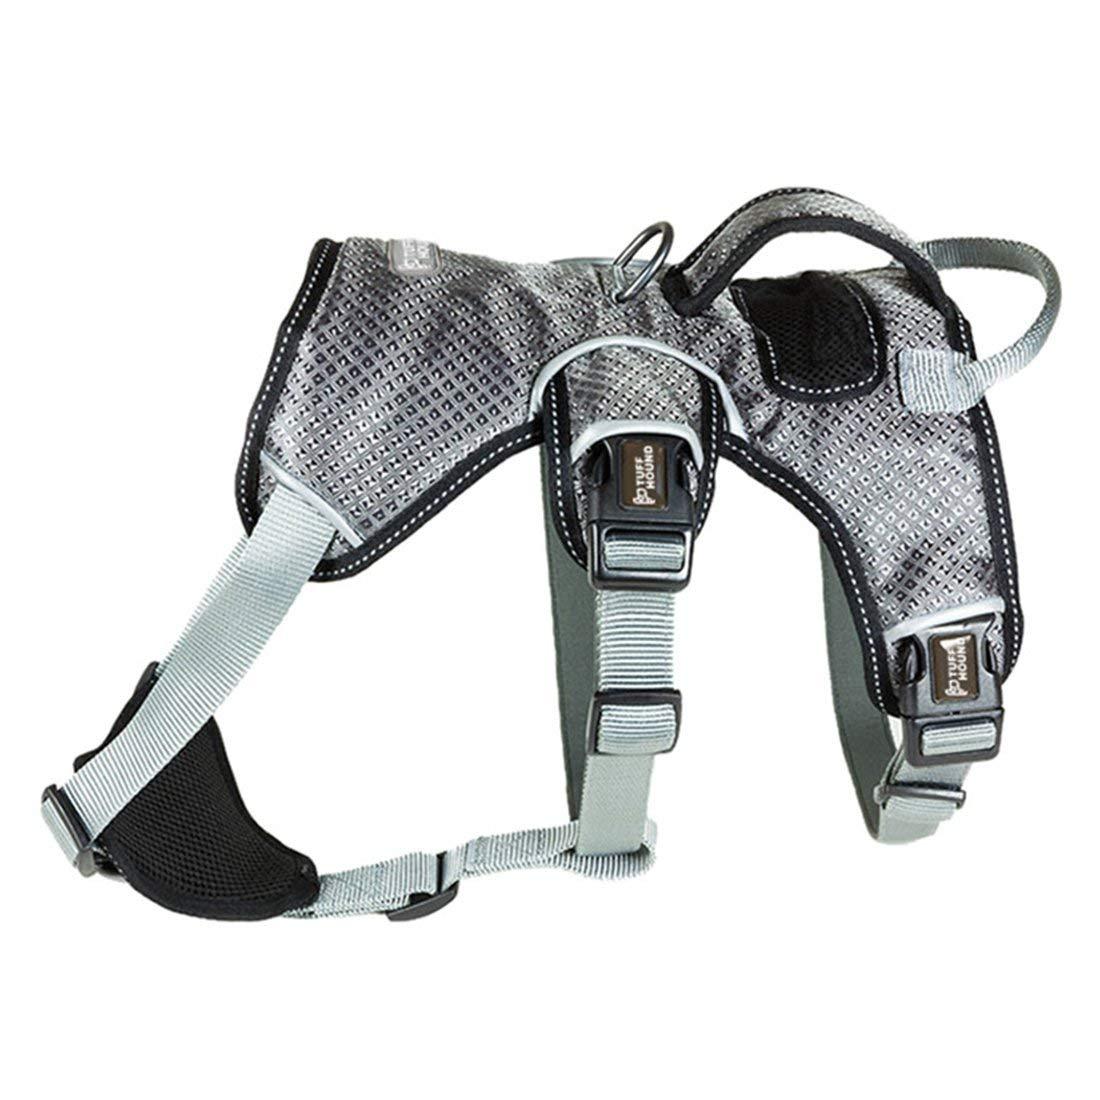 arn/és de Coche Transpirable para Perros medianos y Grandes HEI SHOP Arn/és de Seguridad para Perro arn/és Reflectante de Seguridad Deportiva arn/és Ajustable para Chaleco